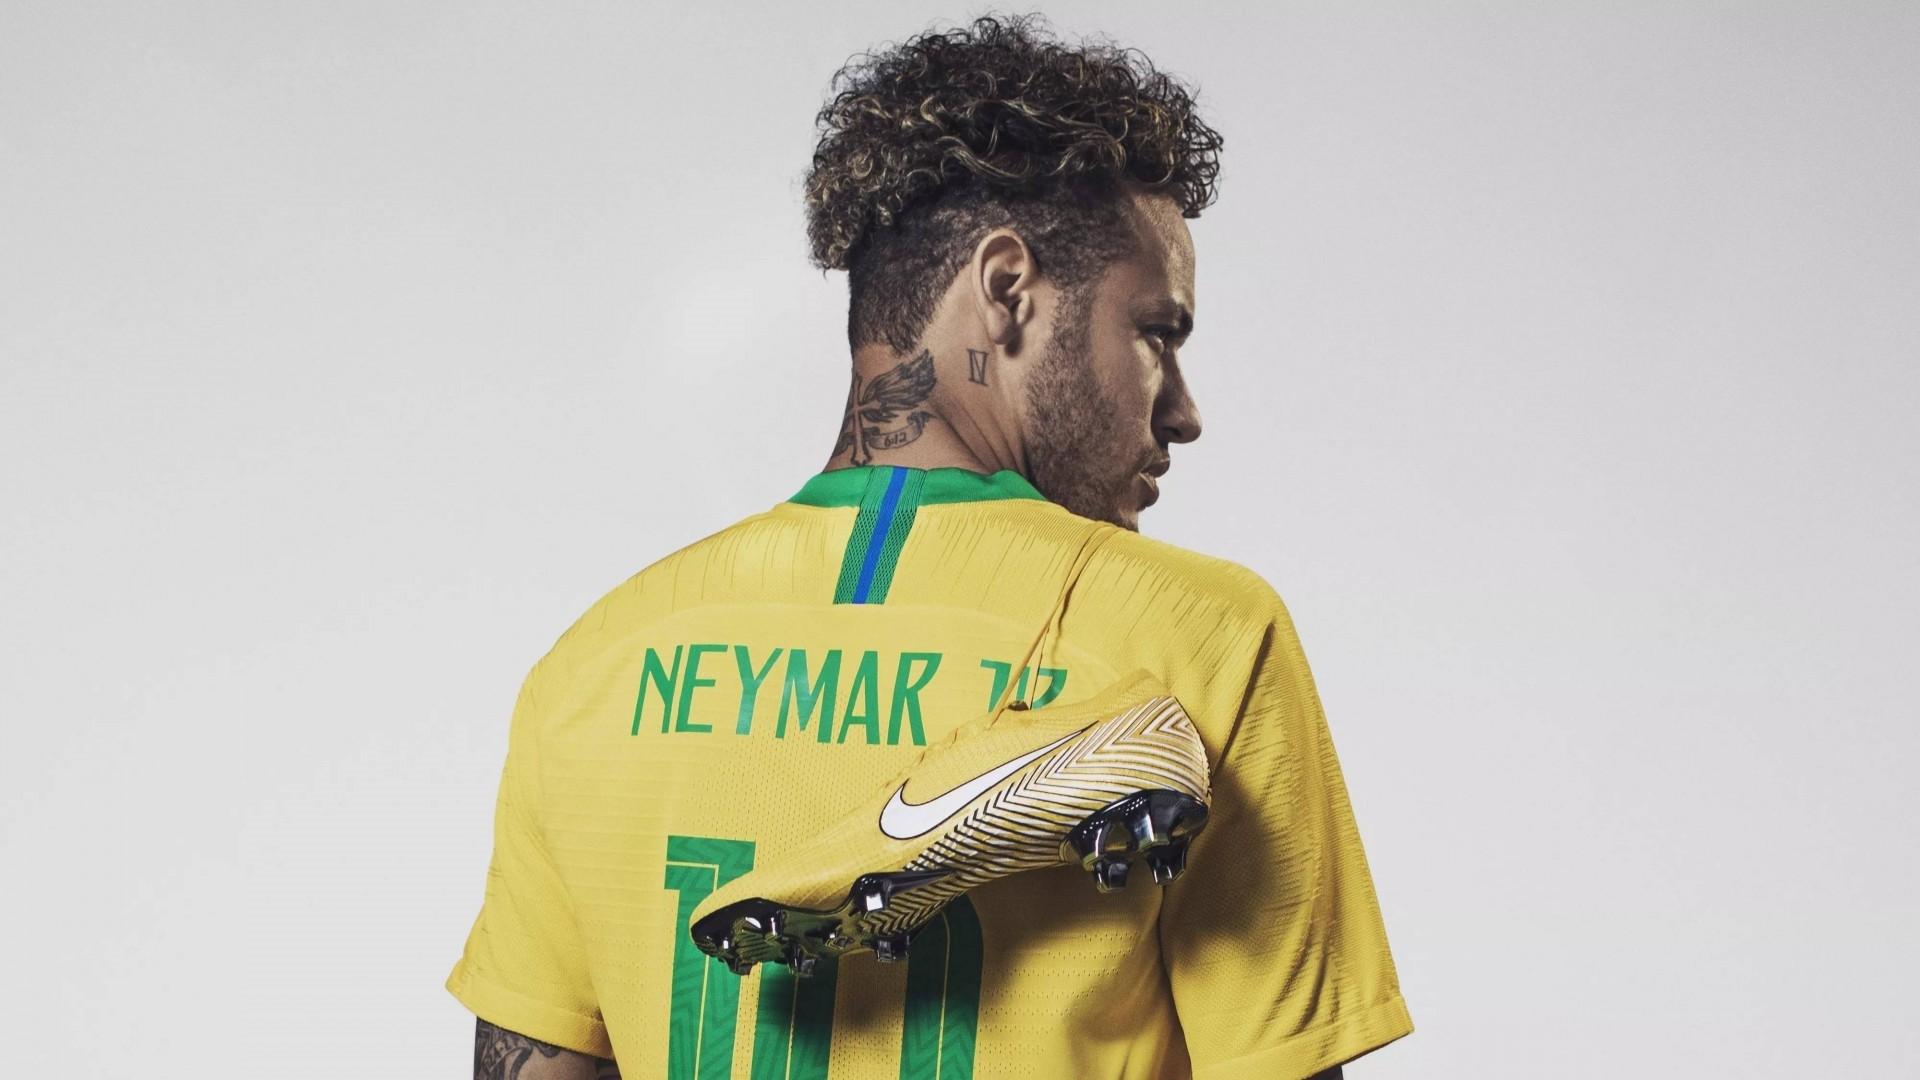 Neymar HD Wallpaper